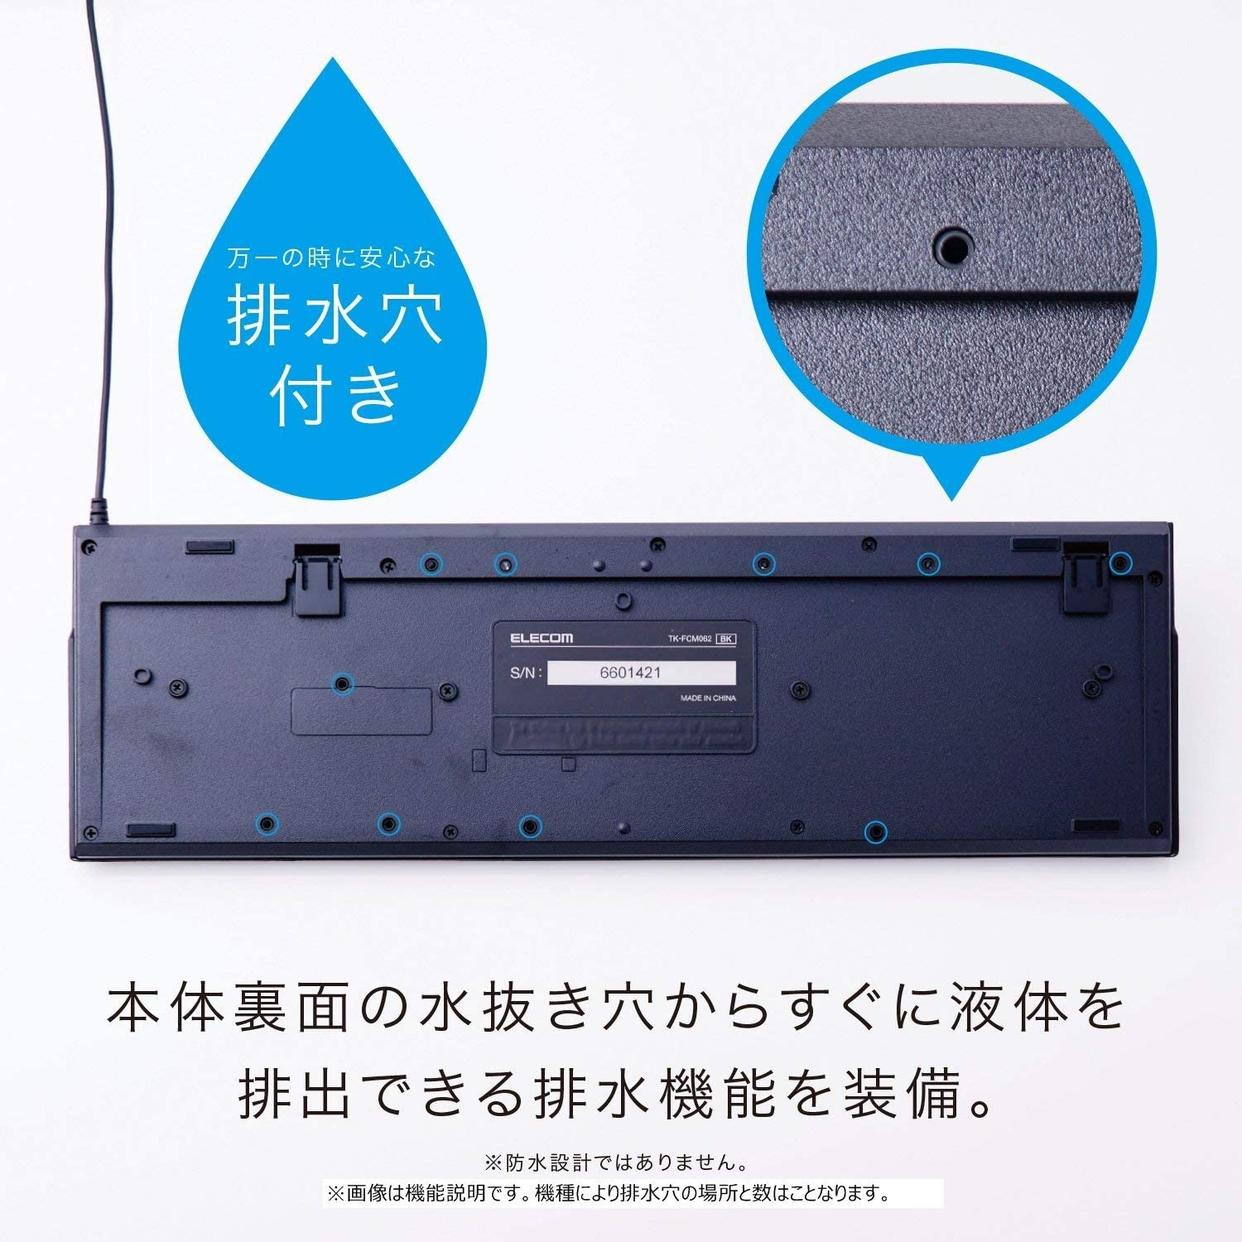 ELECOM(エレコム) ワイヤレスフルキーボード&マウス TK-FDM063BKの商品画像9